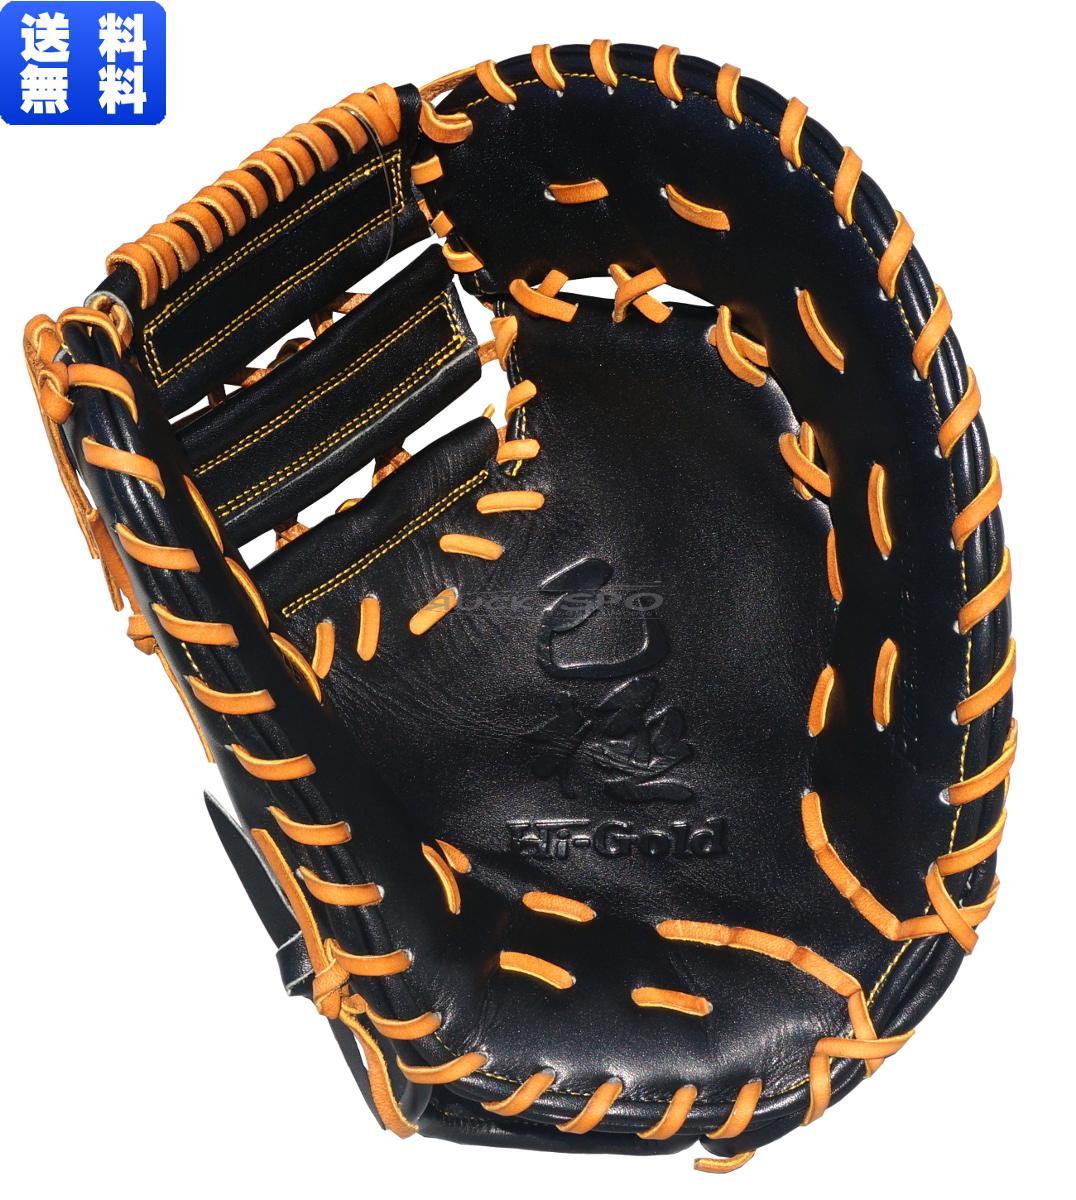 送料無料 2018年モデル ハイゴールド 高校 野球 HI-GOLD一塁手用 軟式 ミット ミット グローブ ブラック 黒 高校 中学 一般 野球 OKG681F, オオタケシ:a0e16260 --- jphupkens.be